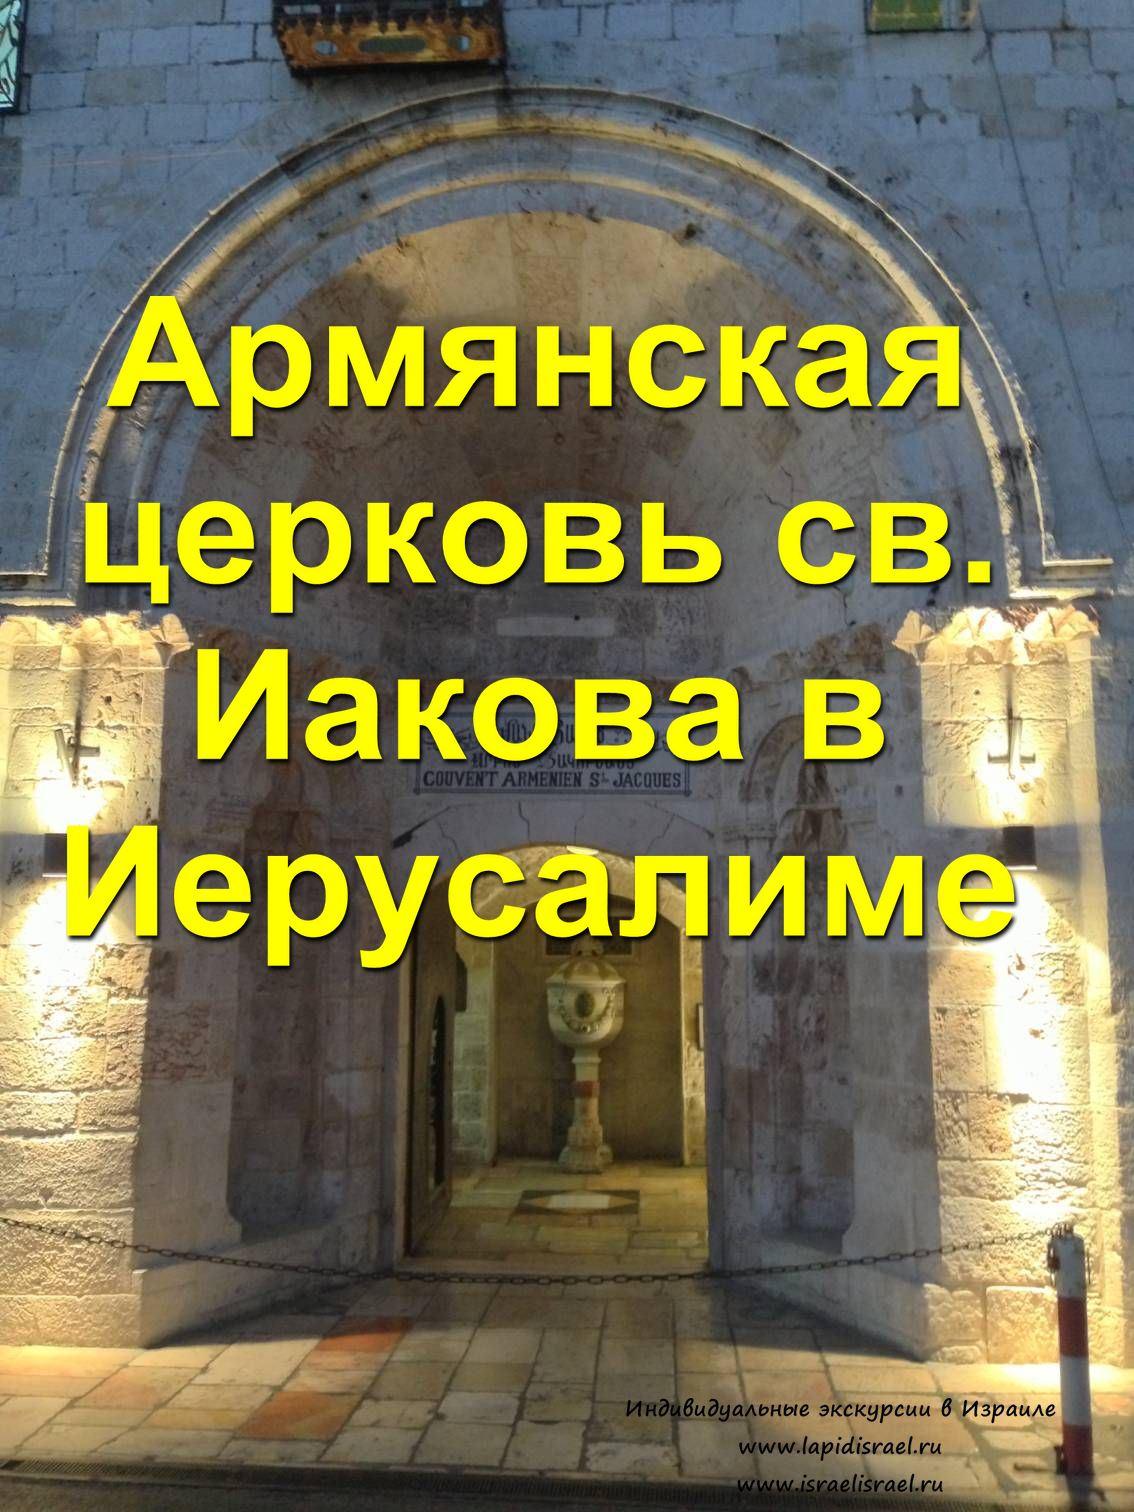 Иерусалимский патриархат Армянской апостольской церкви